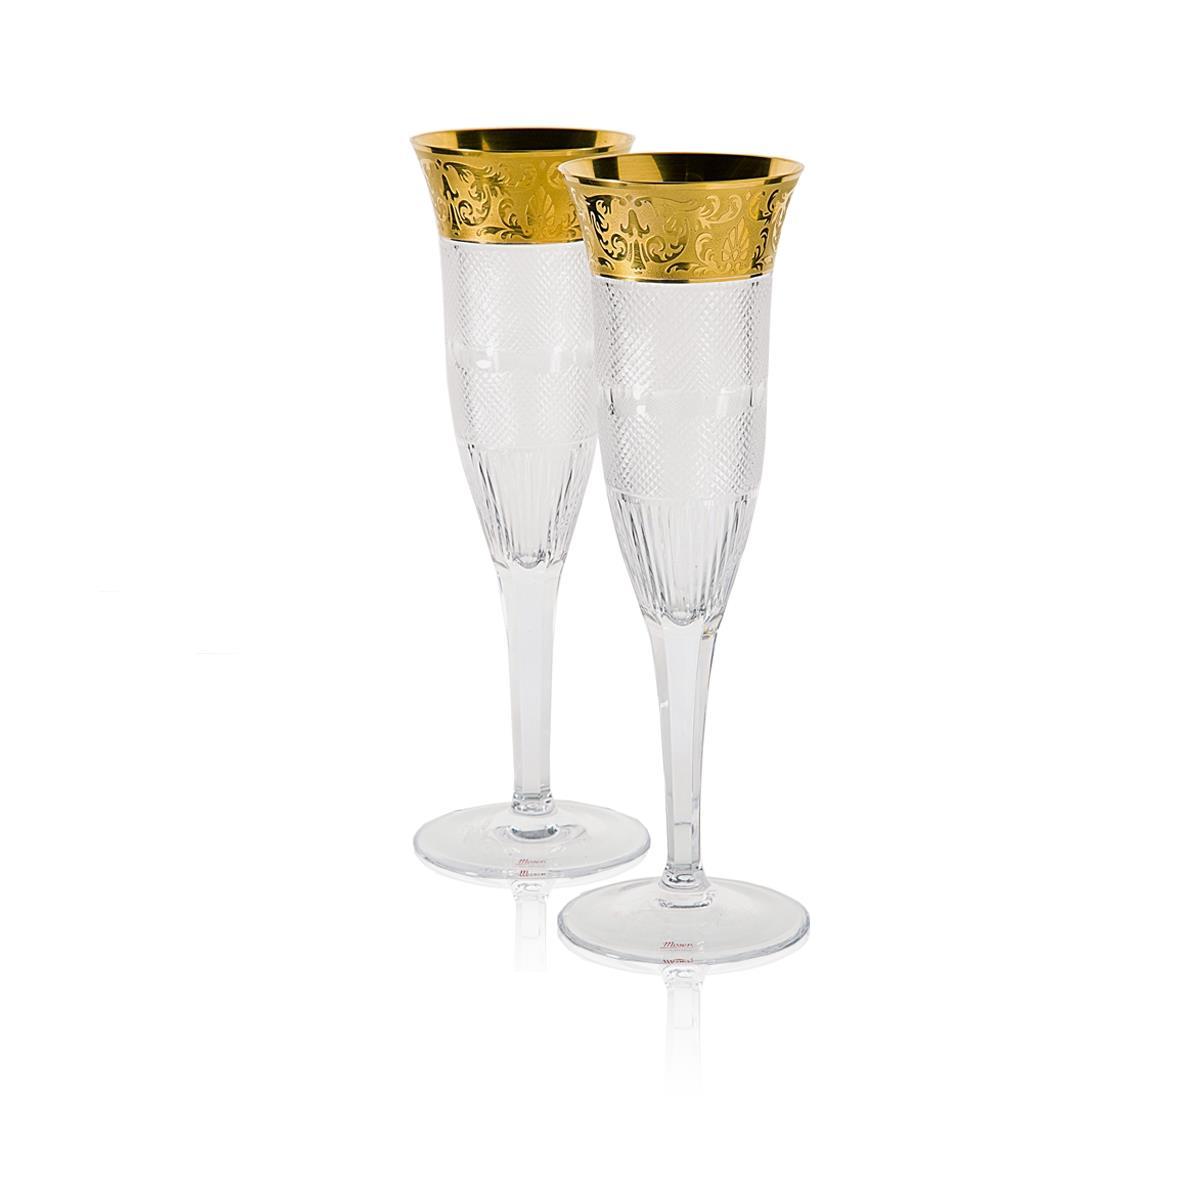 Сплендид: бокал для шампанского - на 360.ru: цены, описание, характеристики, где купить в Москве.